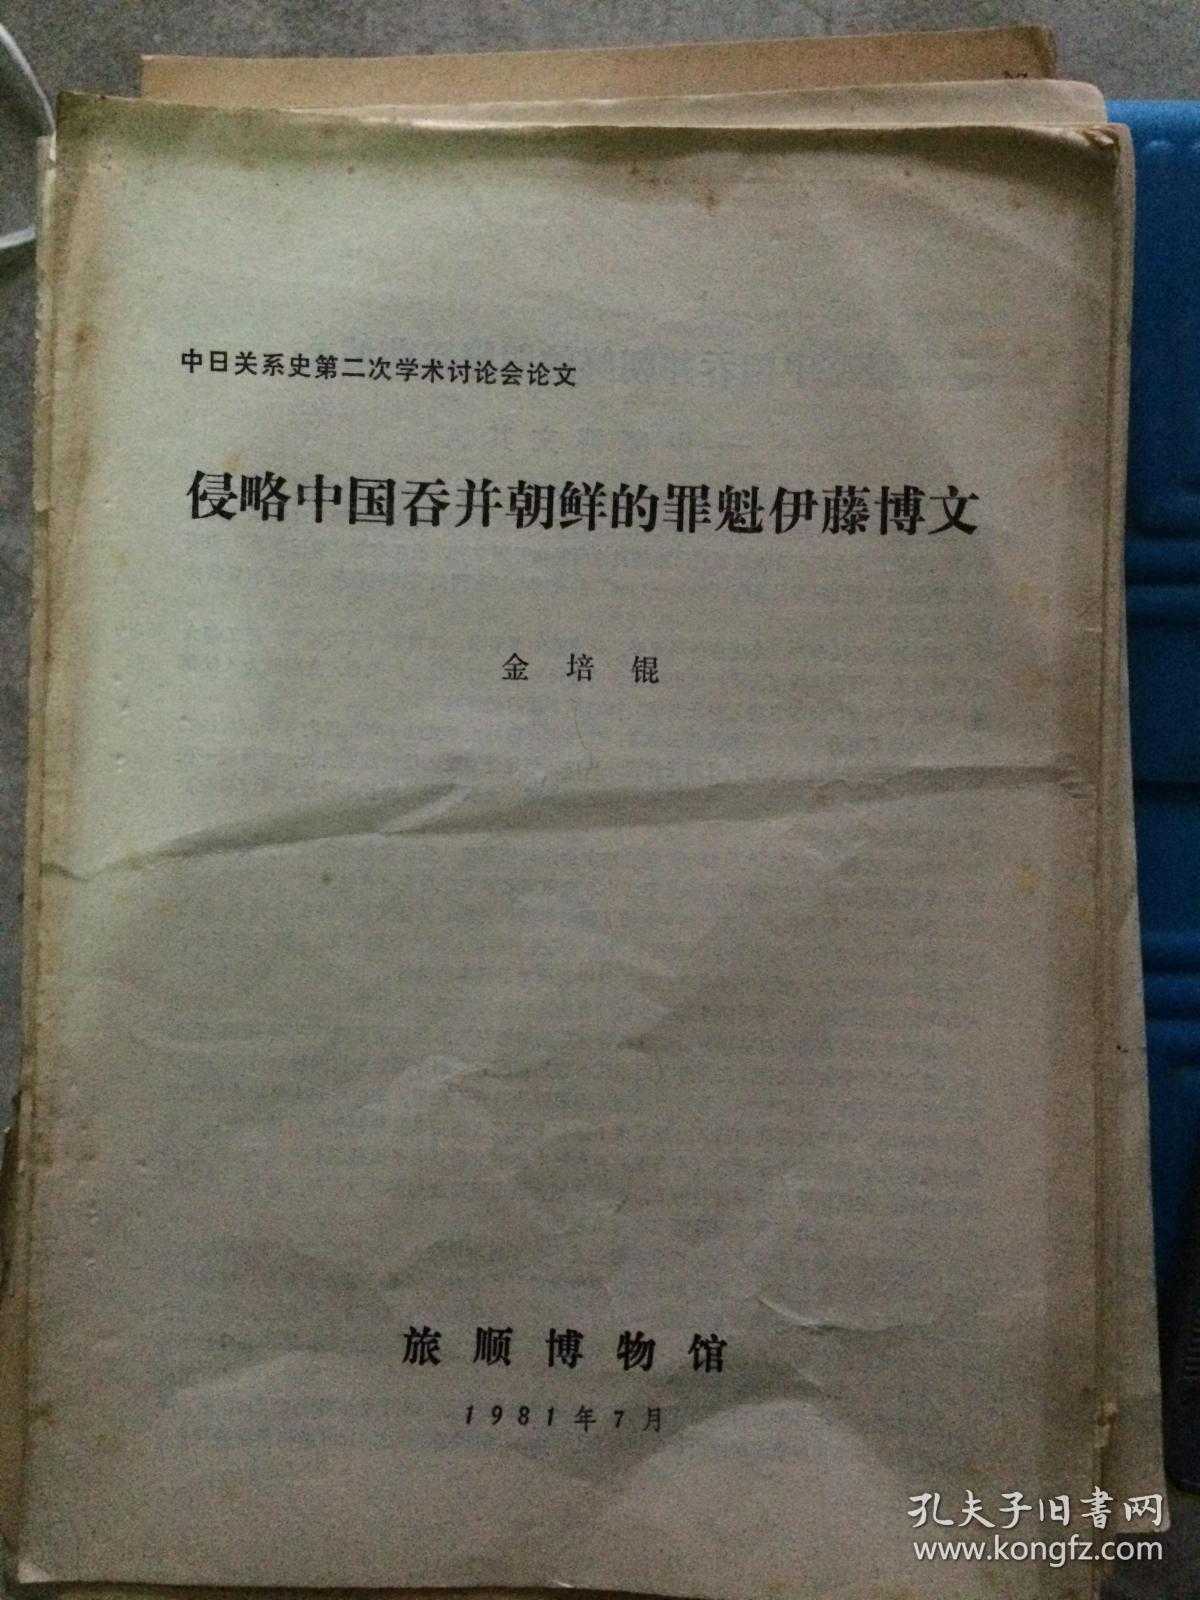 侵略中国吞并朝鲜的罪魁伊藤博文【中日关系史